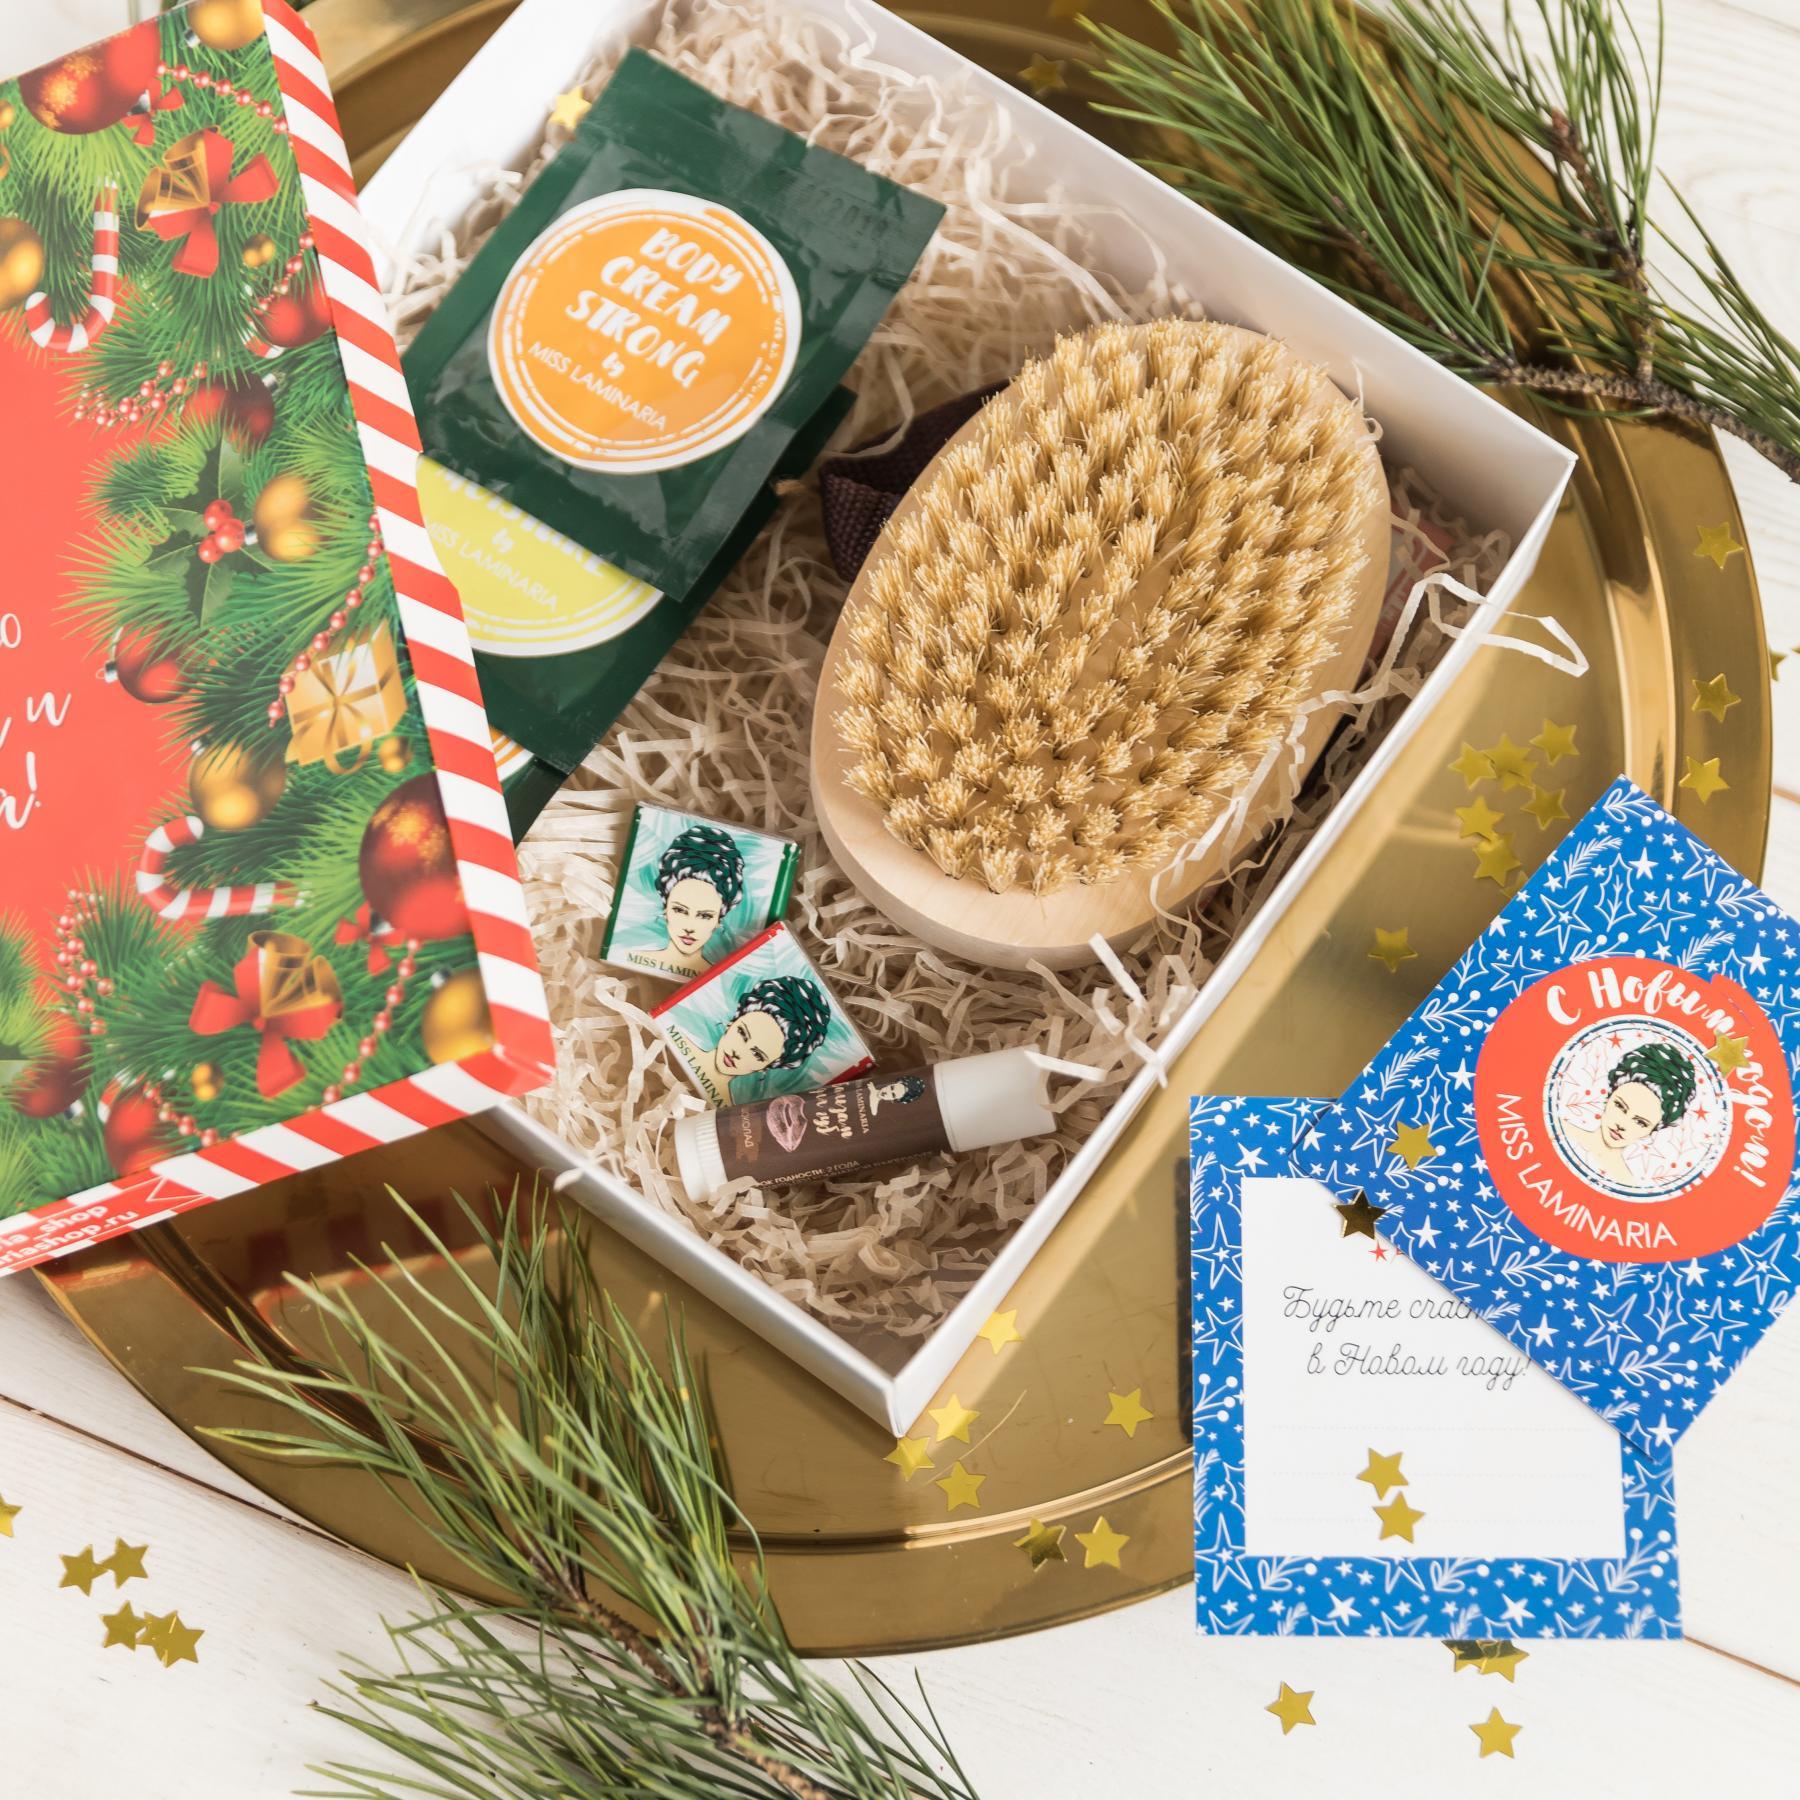 Фото Топ-5 самых крутых подарков на Новый год от Laminaria Shop 4